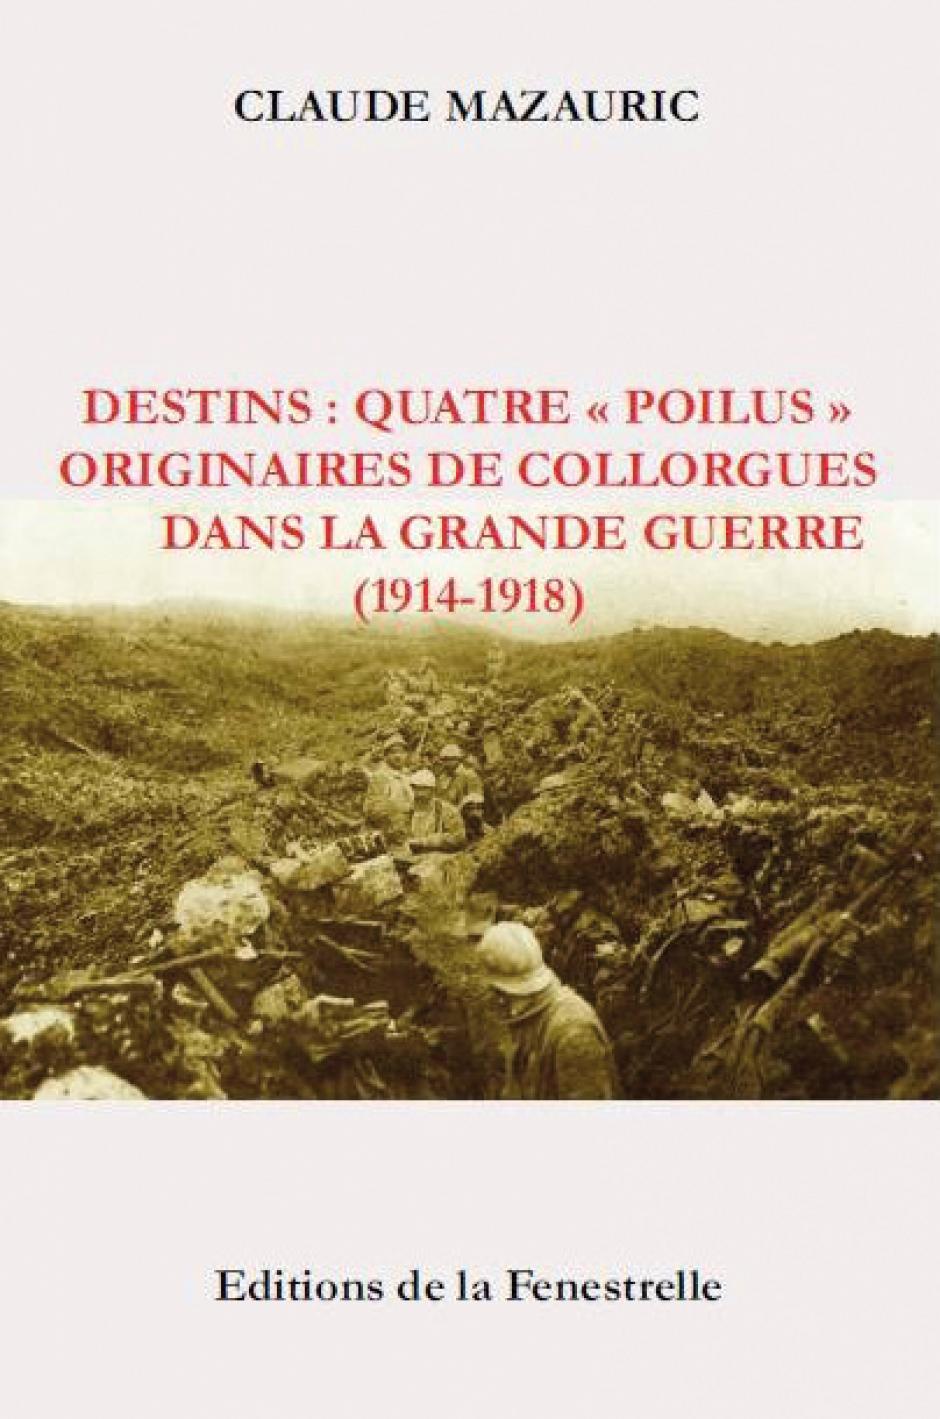 Destins : quatre « poilus » originaires de Collorgues dans la Grande Guerre (1914-1918), Claude Mazauric